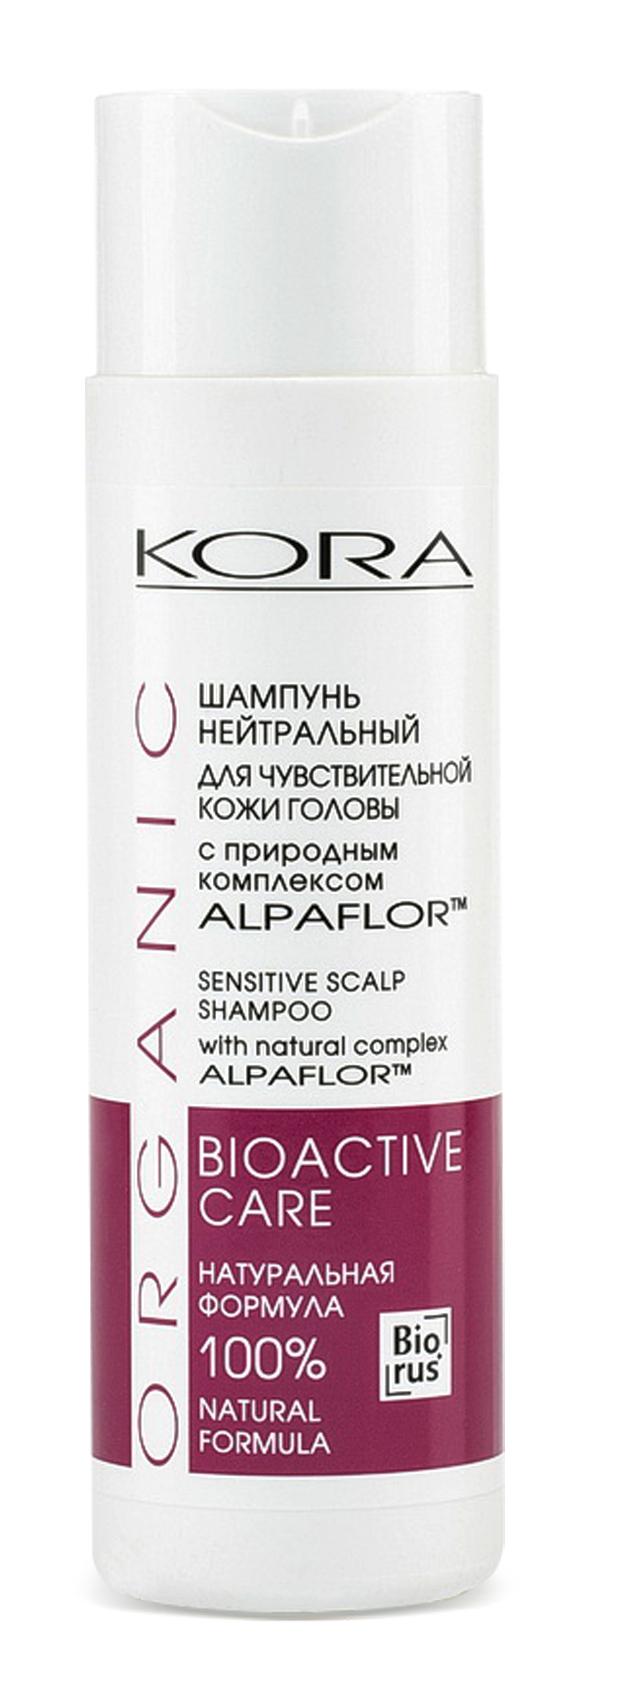 КОРА Шампунь нейтральный для чувствительной кожи головы с природным комплексом Alpaflor 250мл